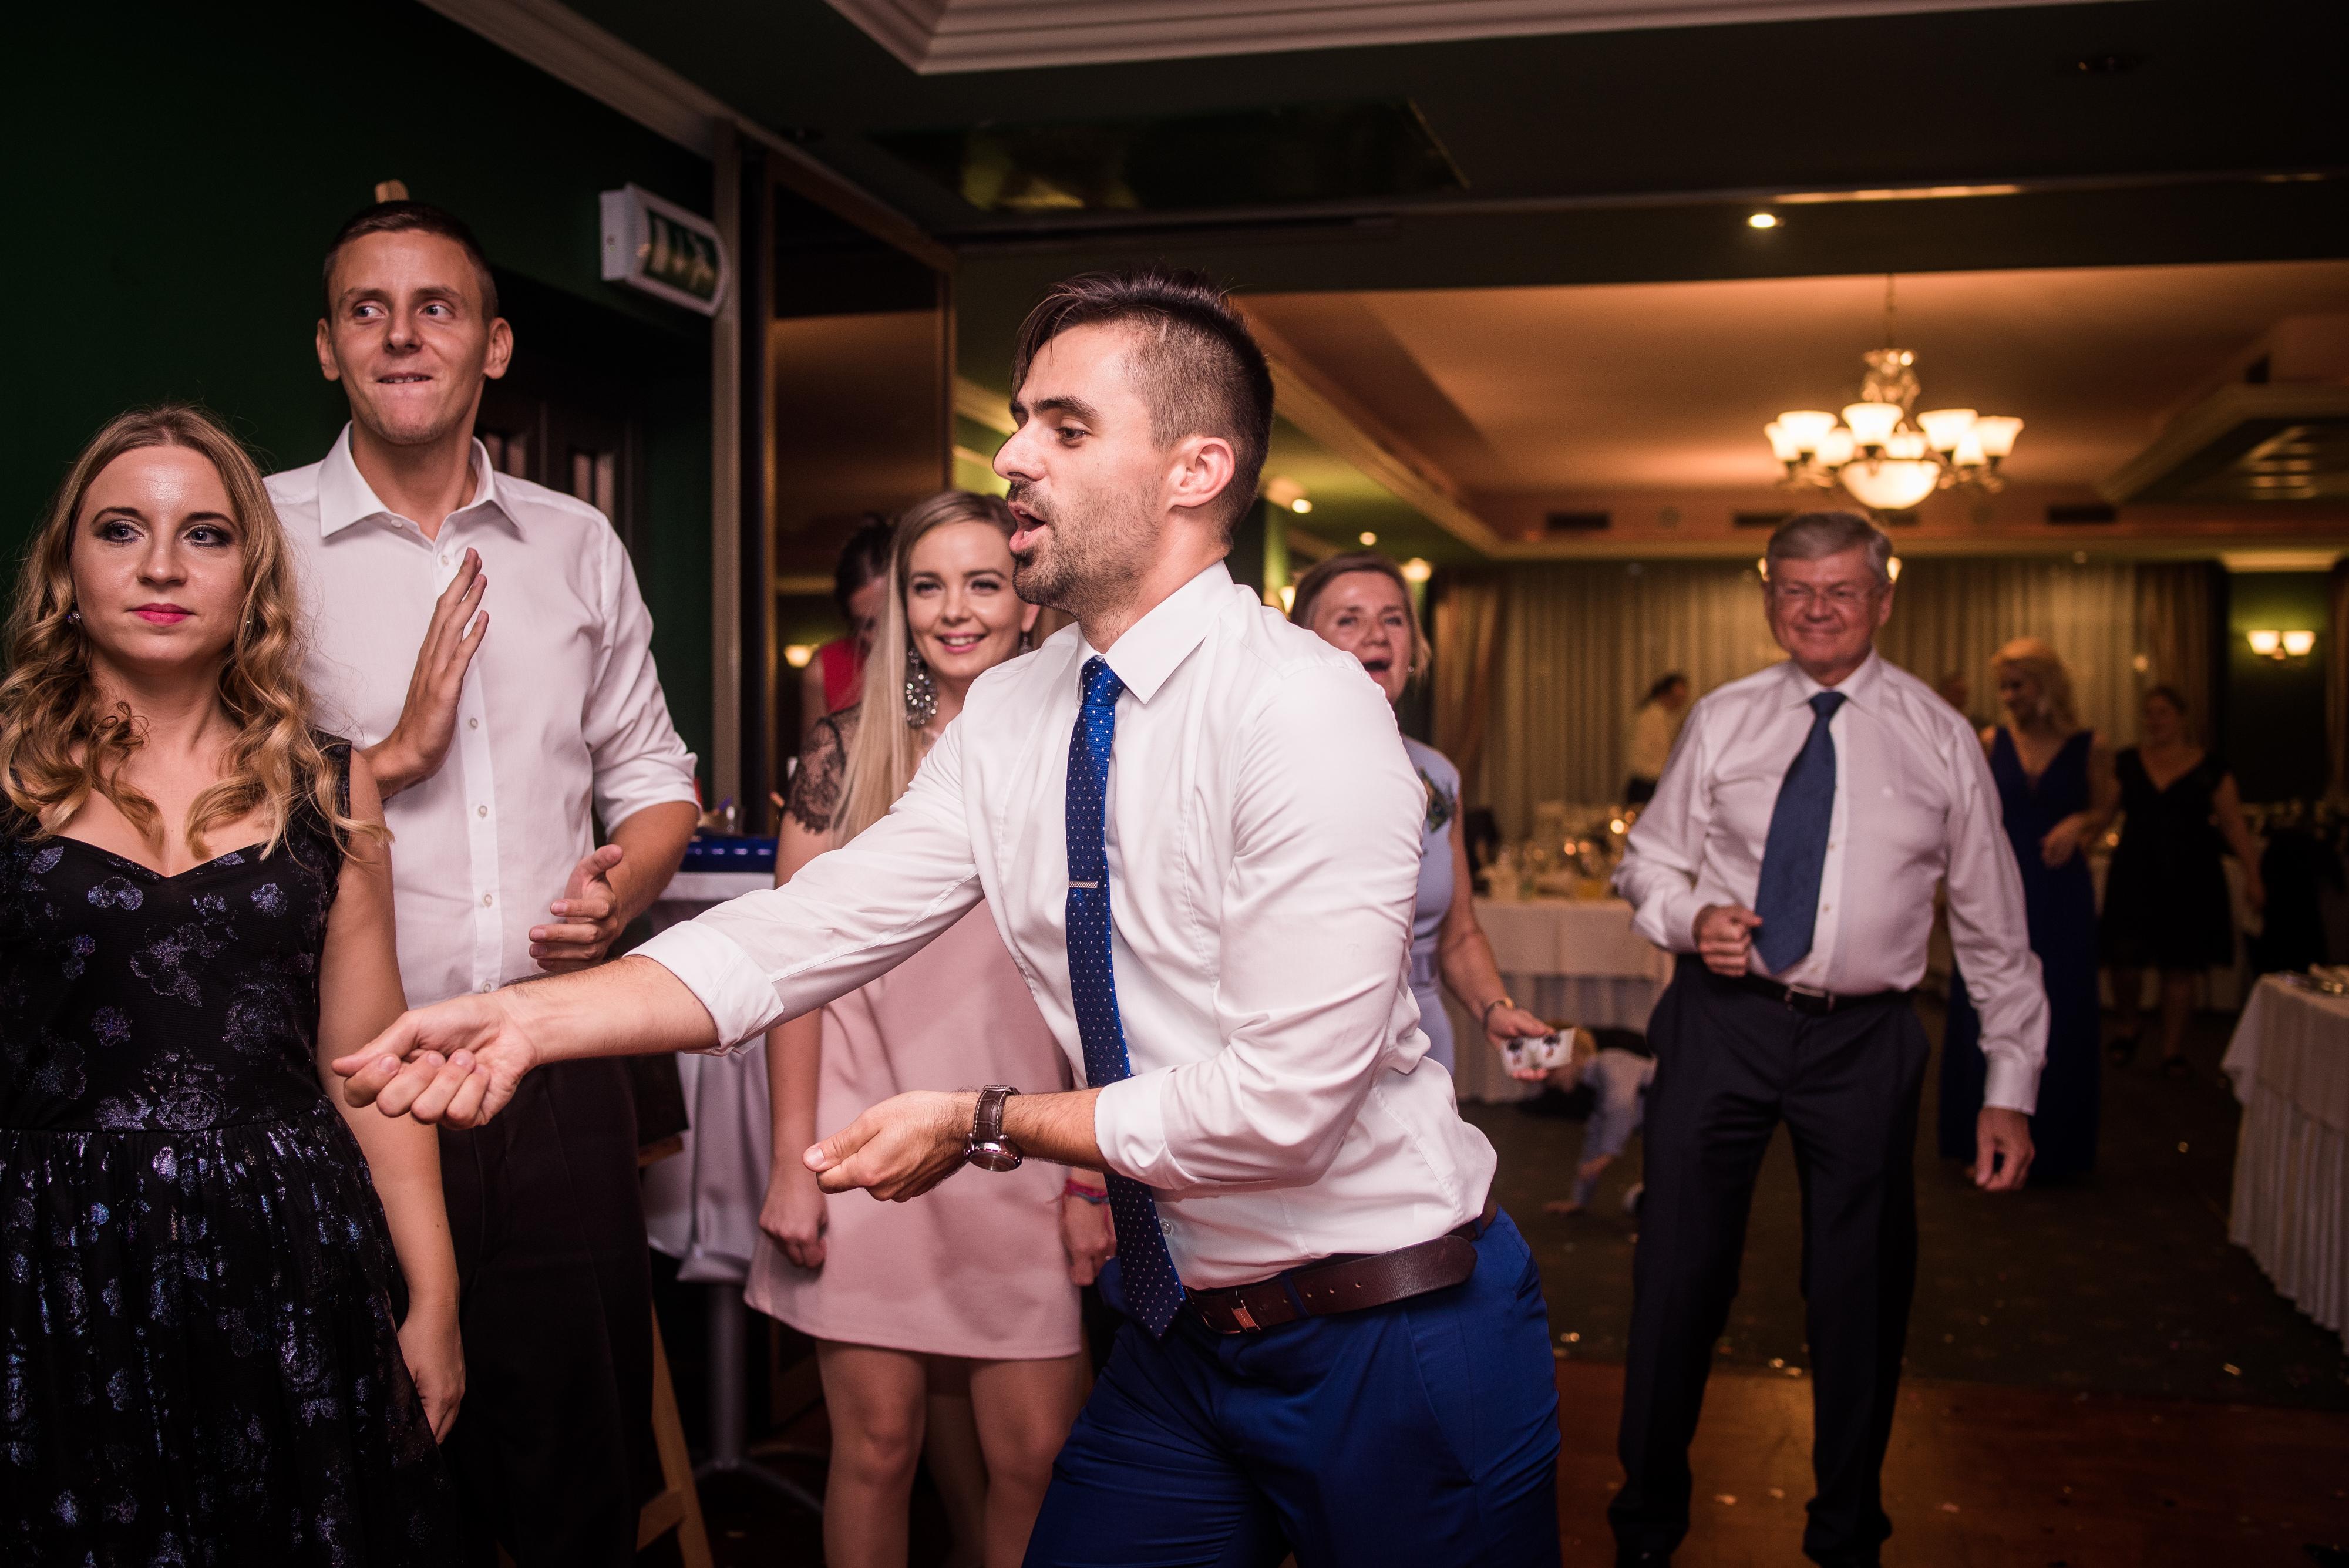 Svadba Šamorín, Hotel Kormorán 04 #svadobnyDJ, #djanasvadbu, #svadba, #svadbasamorin, #hotelkormoran